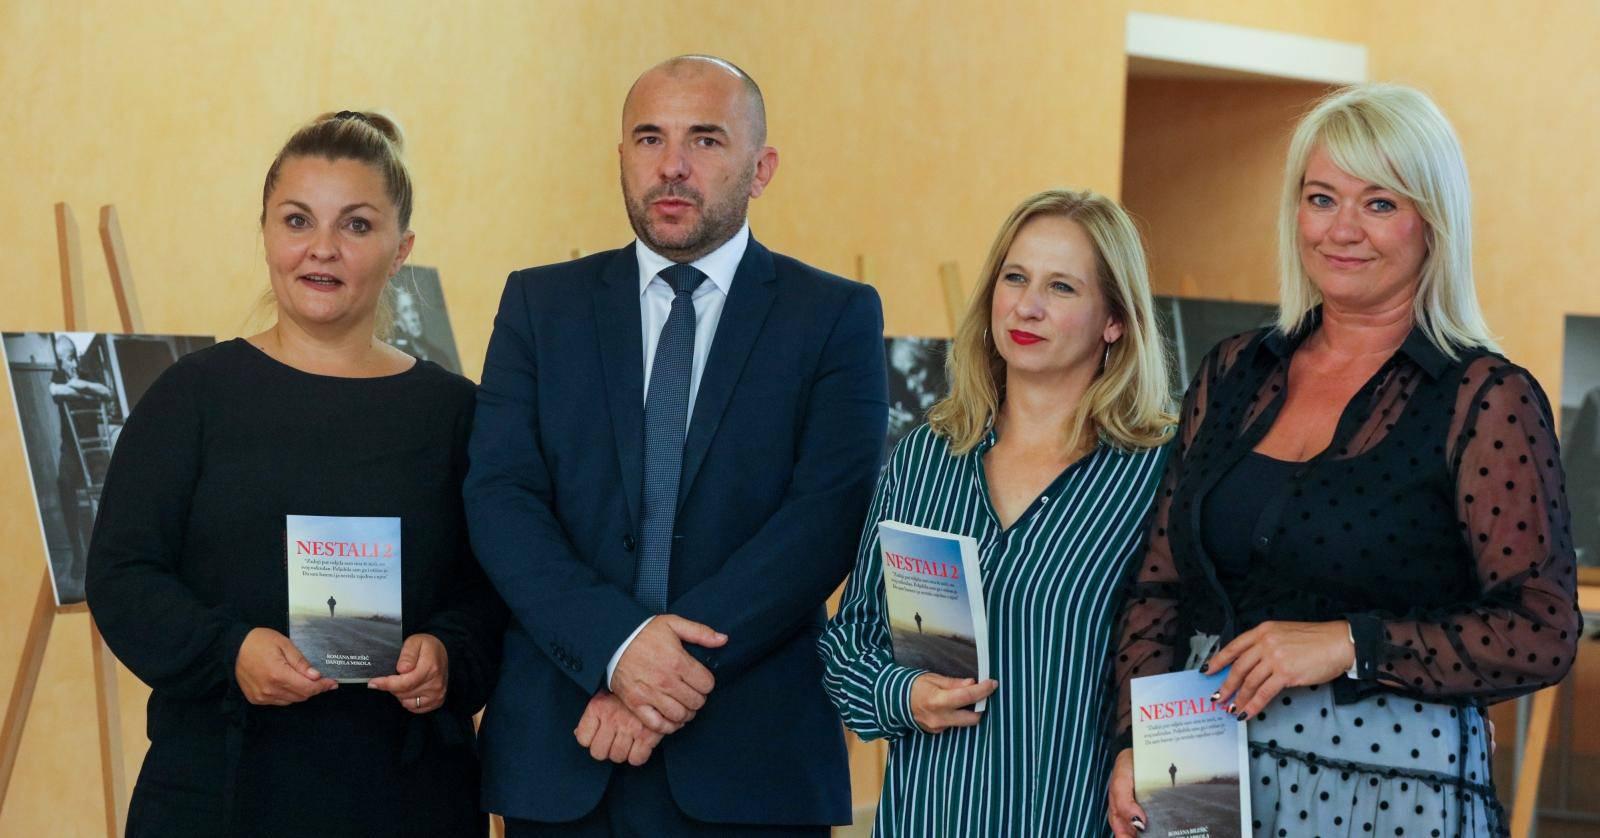 Promocija knjige Nestali 2 i izložba fotografija Sandre Šimunović, fotoreporterke Pixsella